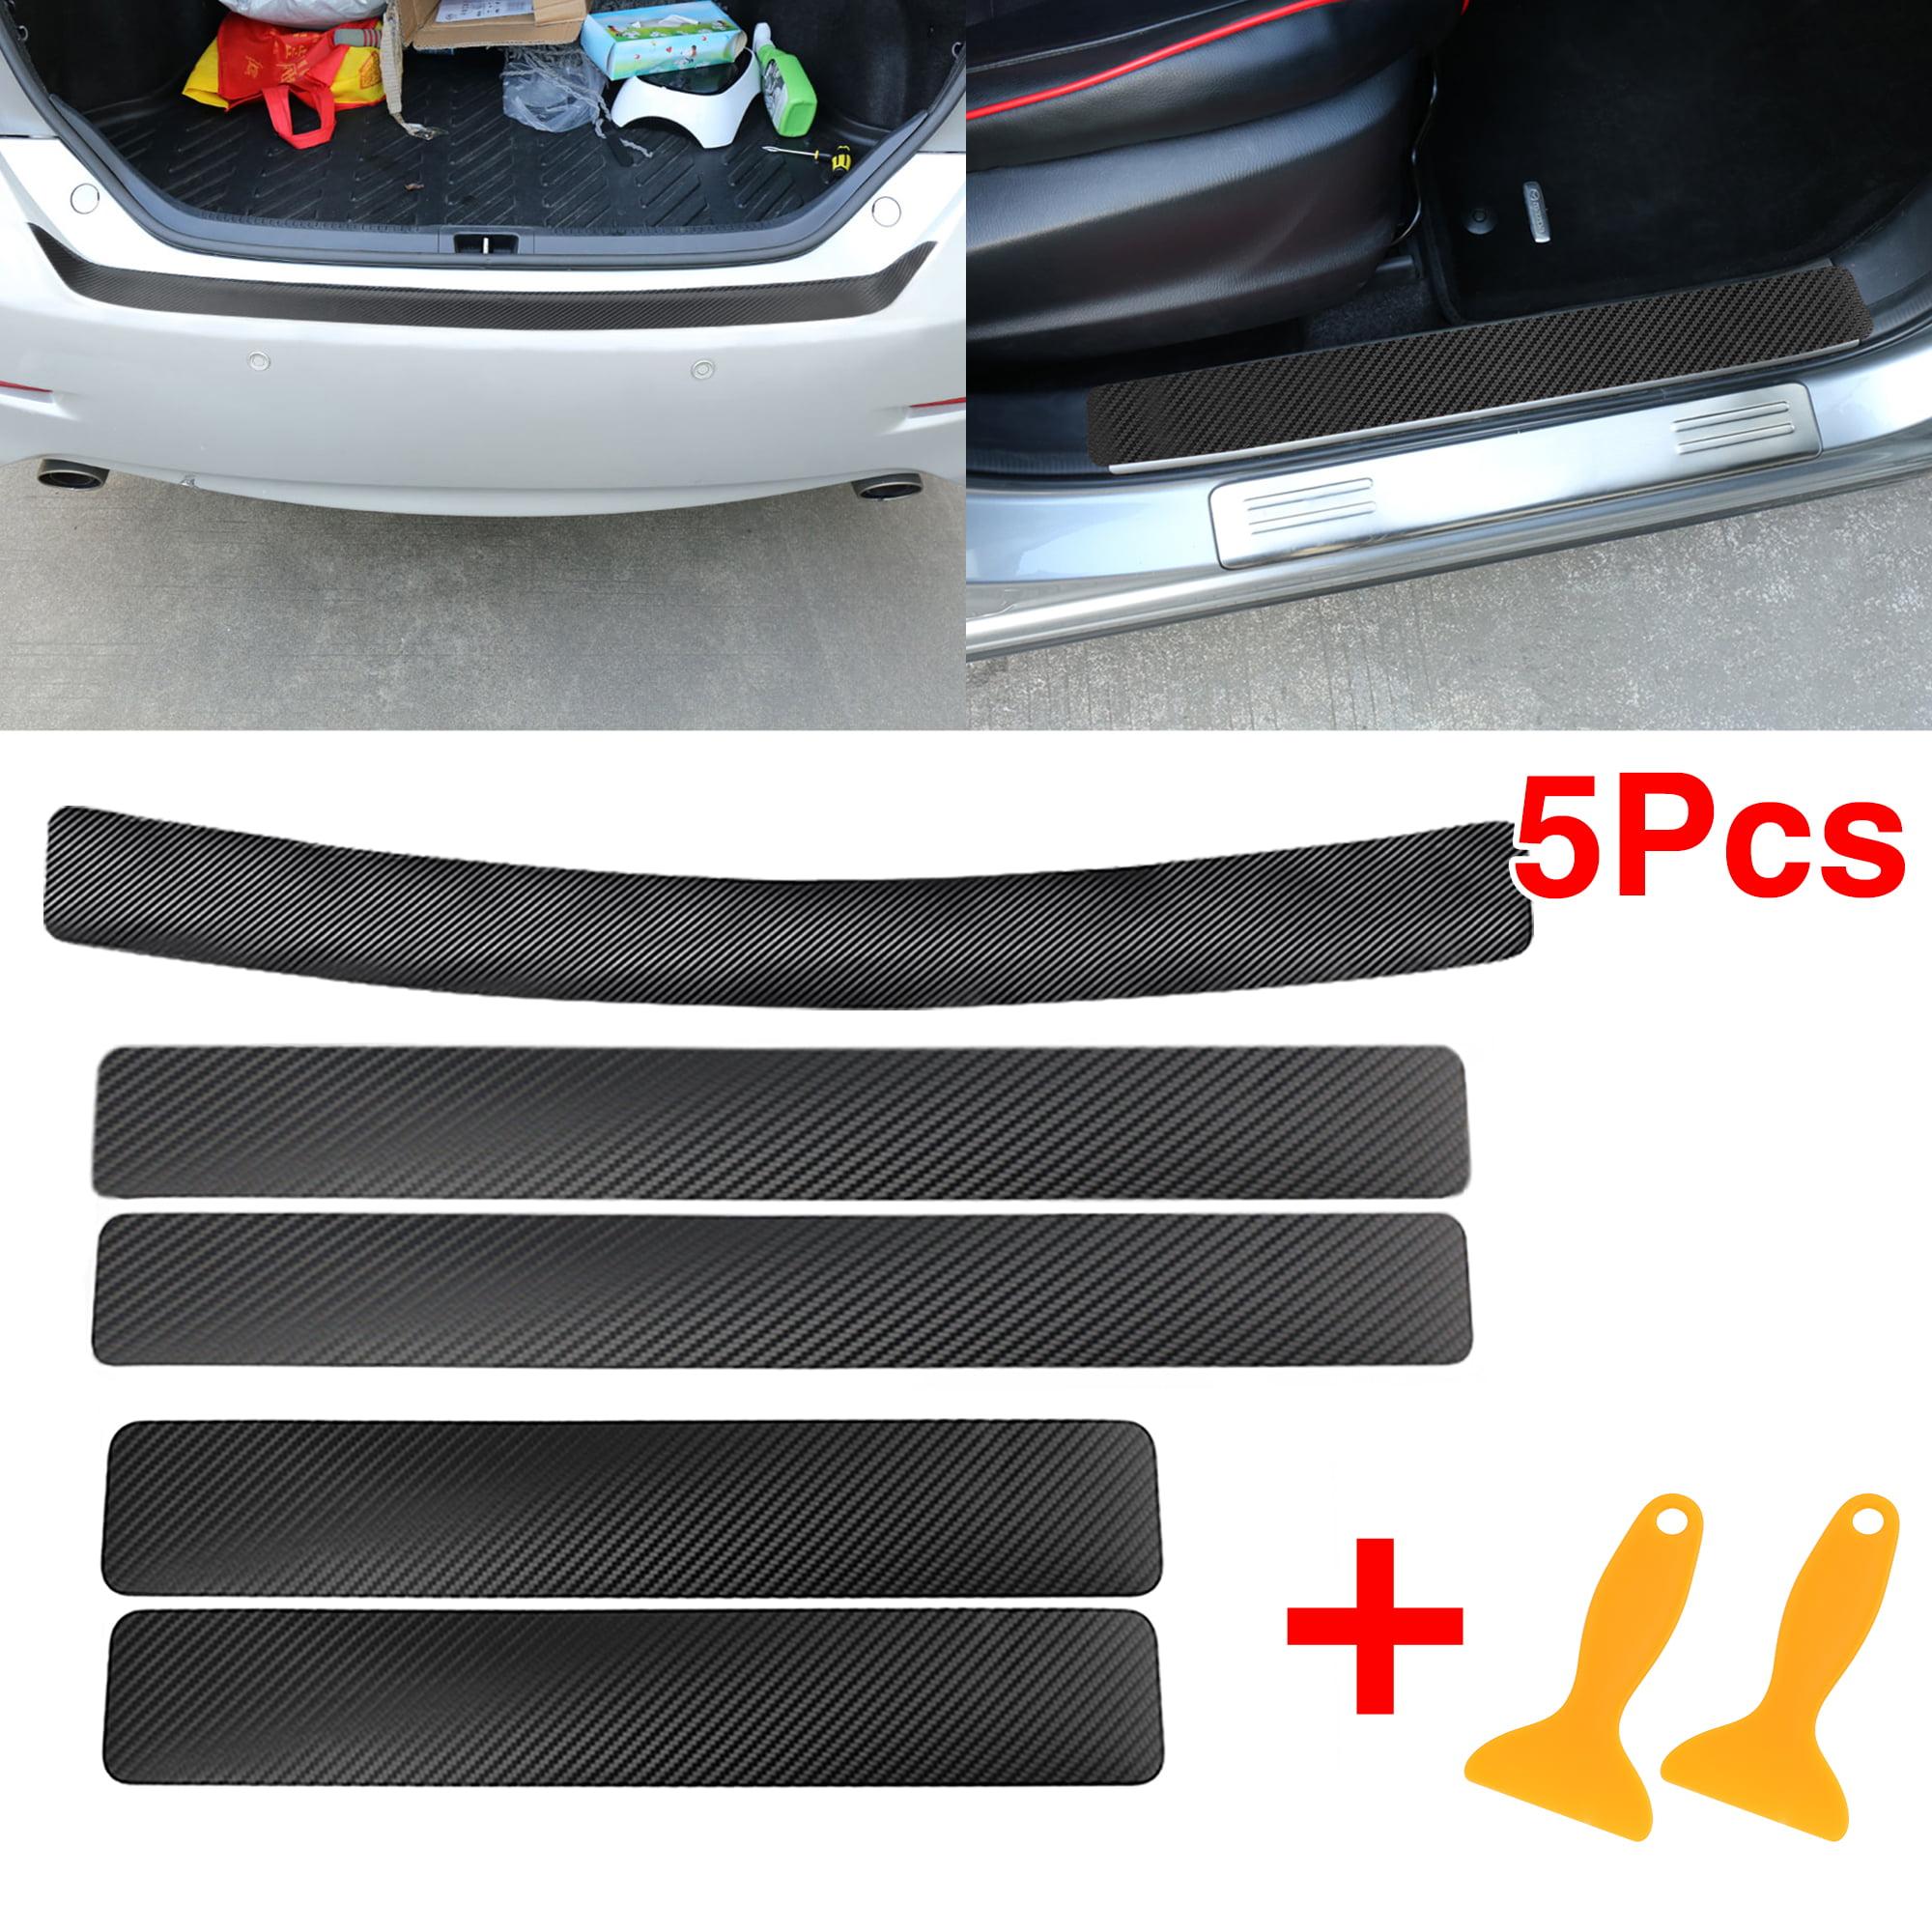 Matt Black Car Rear Bumper Sill Lip Cover Carbon Scuff Protect Sticker